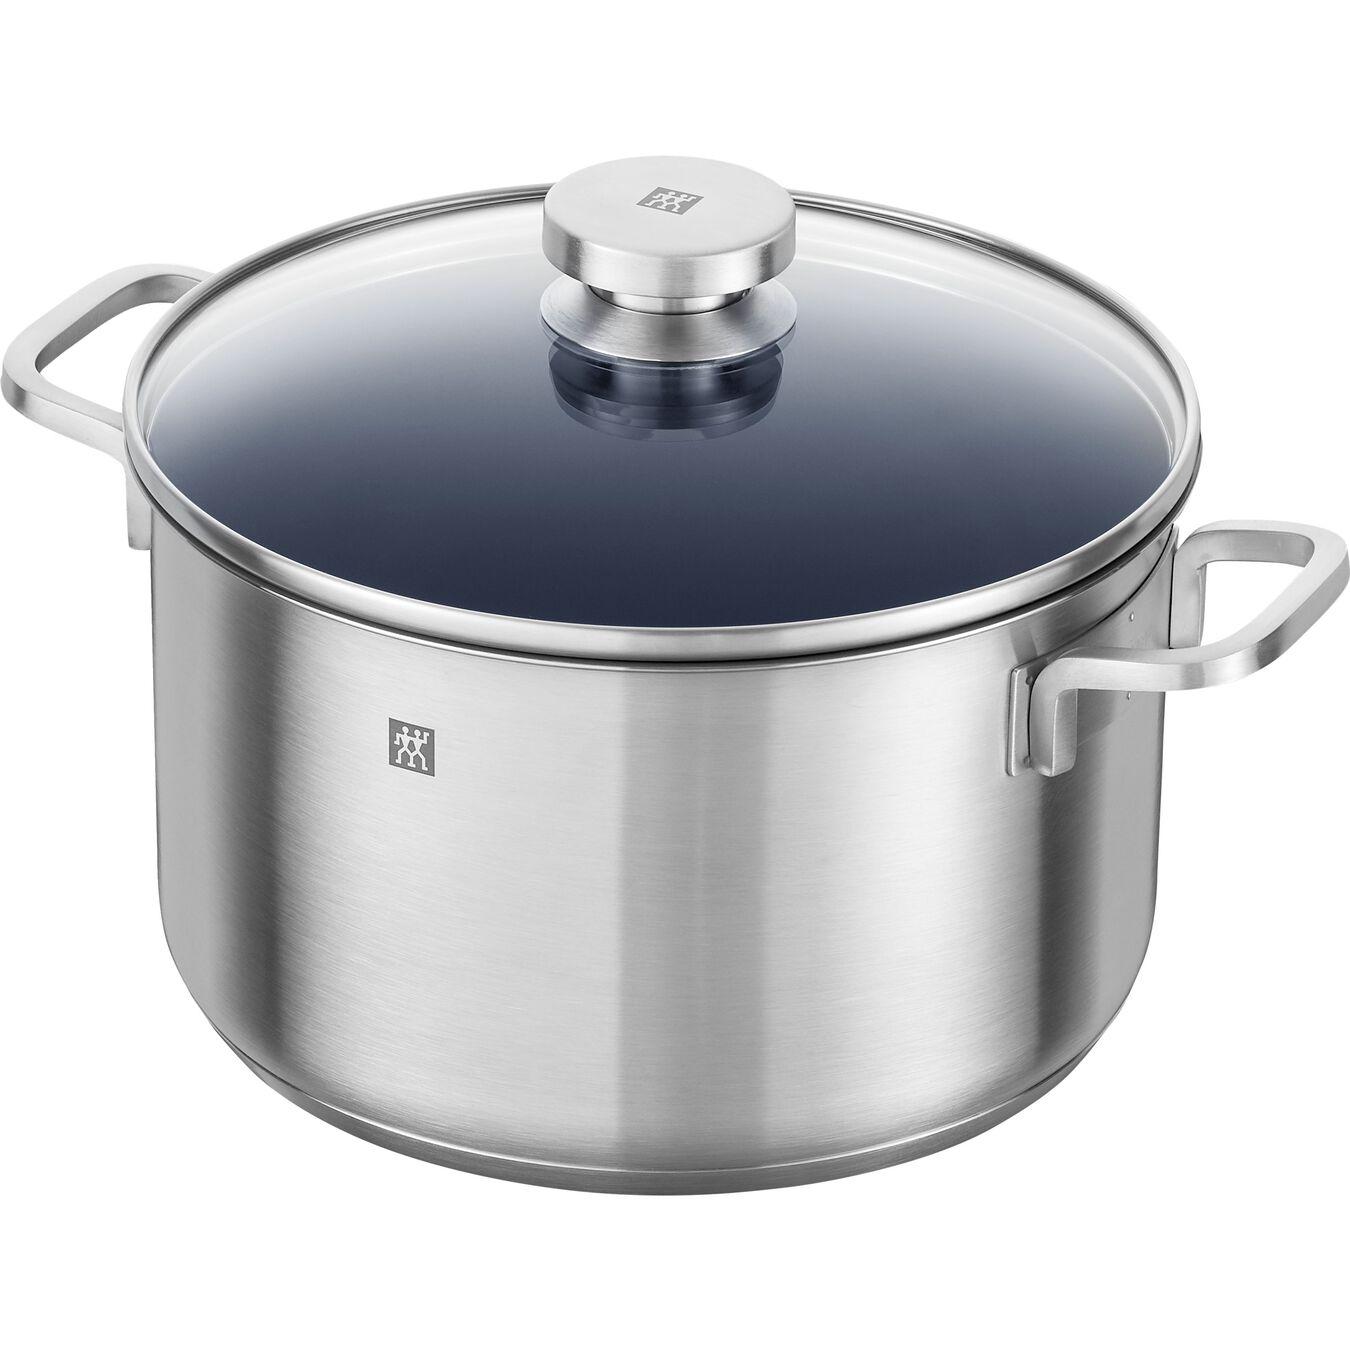 Ensemble de casseroles 3-pcs, Acier inoxydable,,large 9